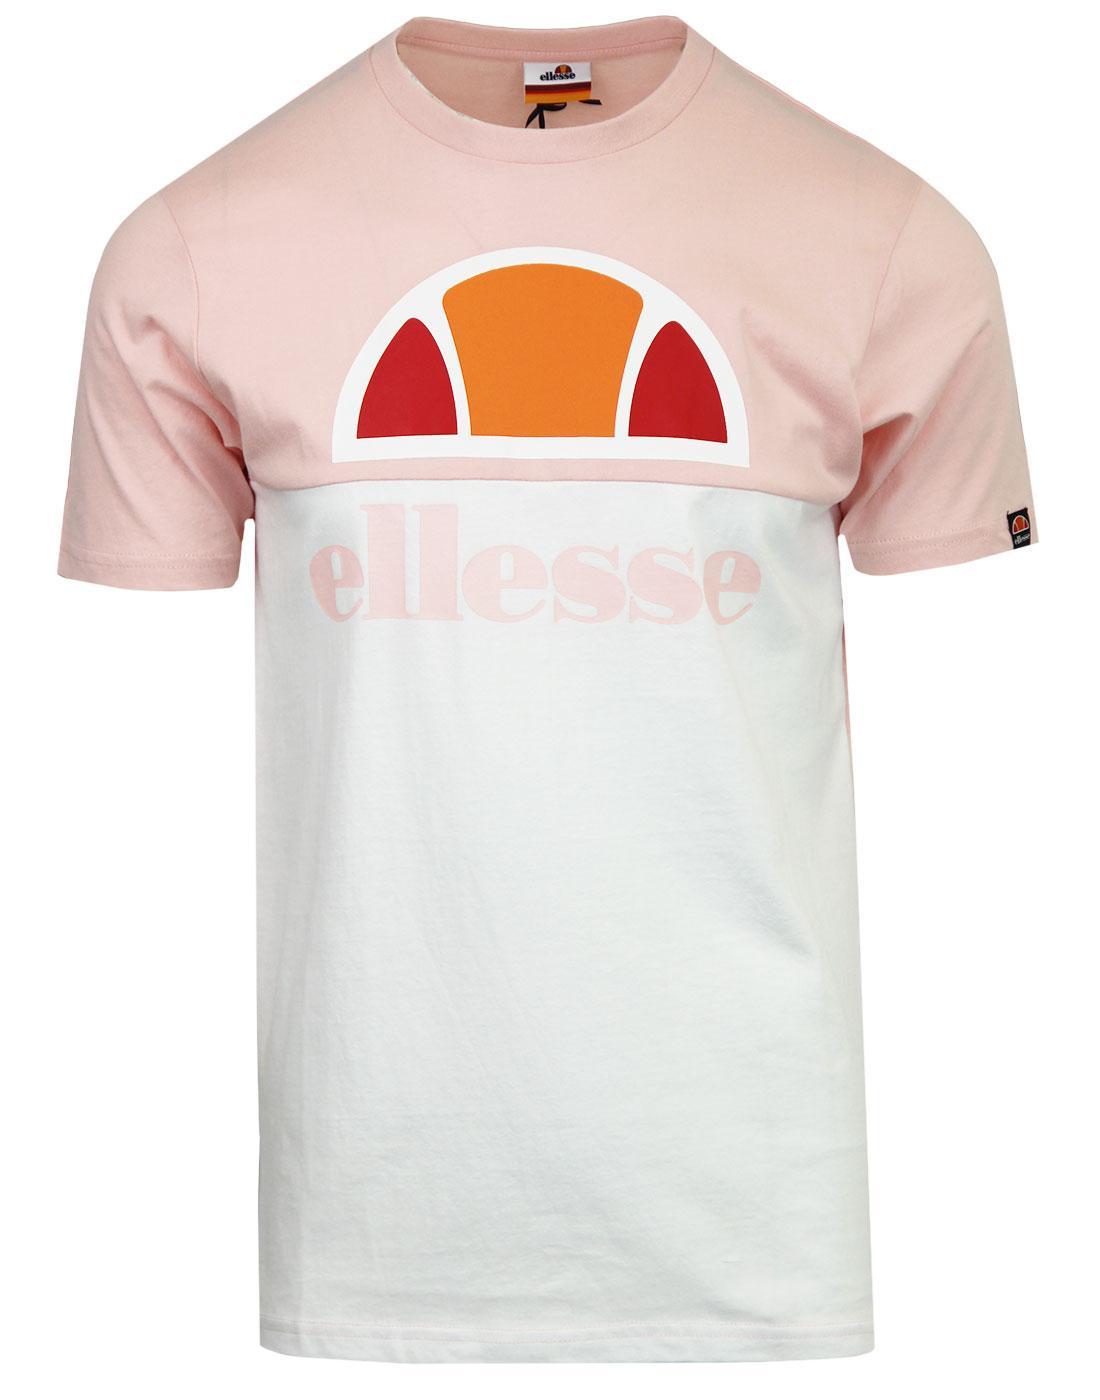 Arbatax ELLESSE Mens Retro 80s Panel Logo Tee (SC)